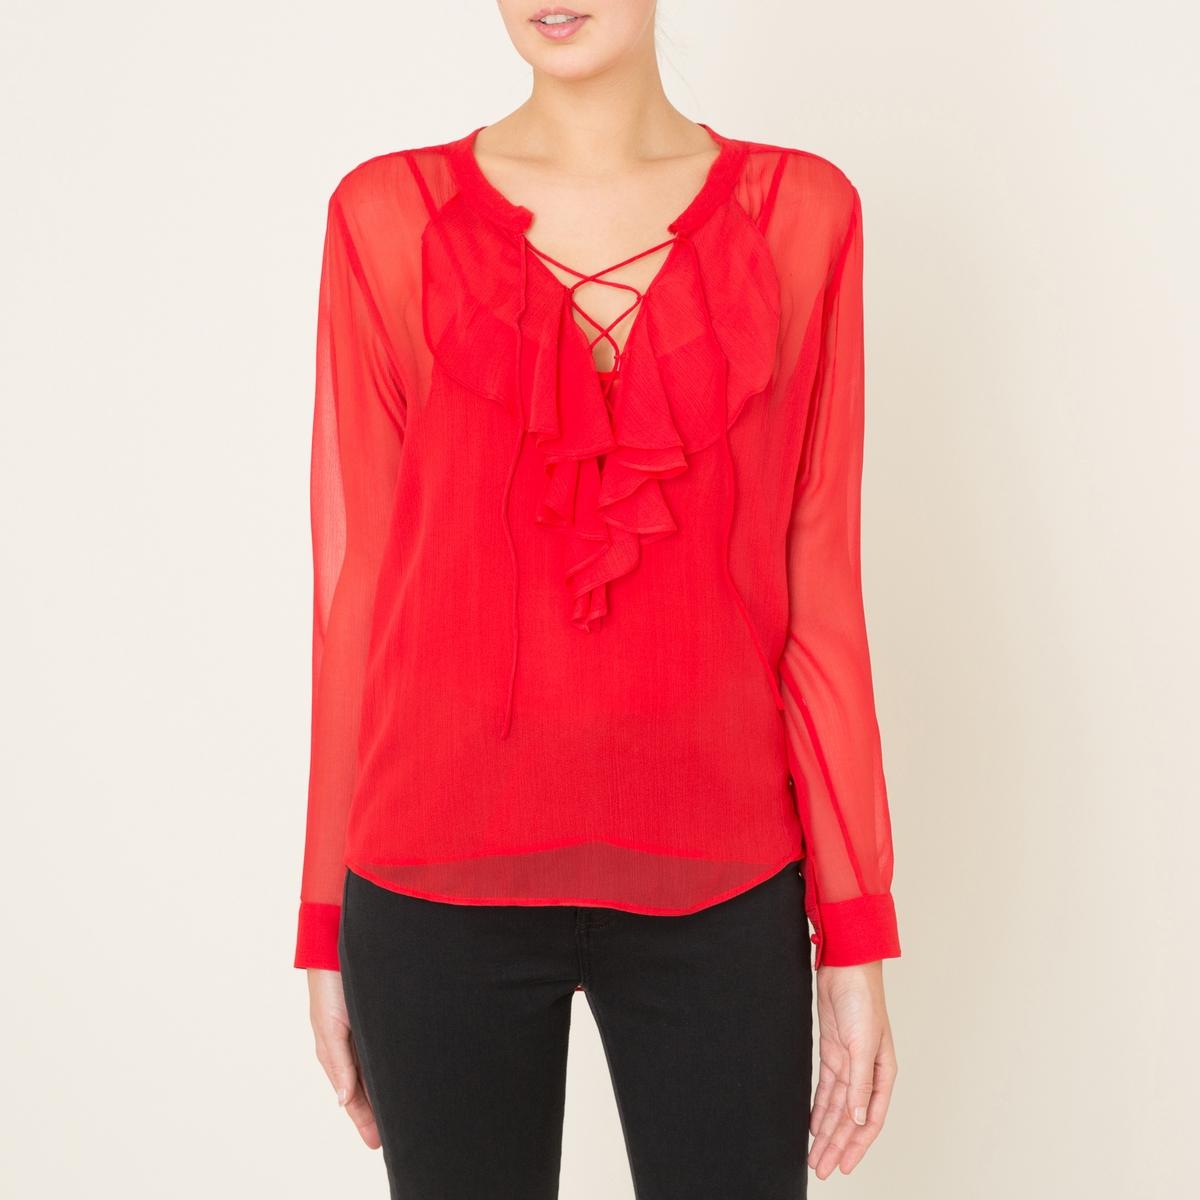 Блузка из шелка на шнуровкеСостав и описание    Материал : 100% вискоза   Подкладка 100% полиэстер   Марка : THE KOOPLES<br><br>Цвет: красный